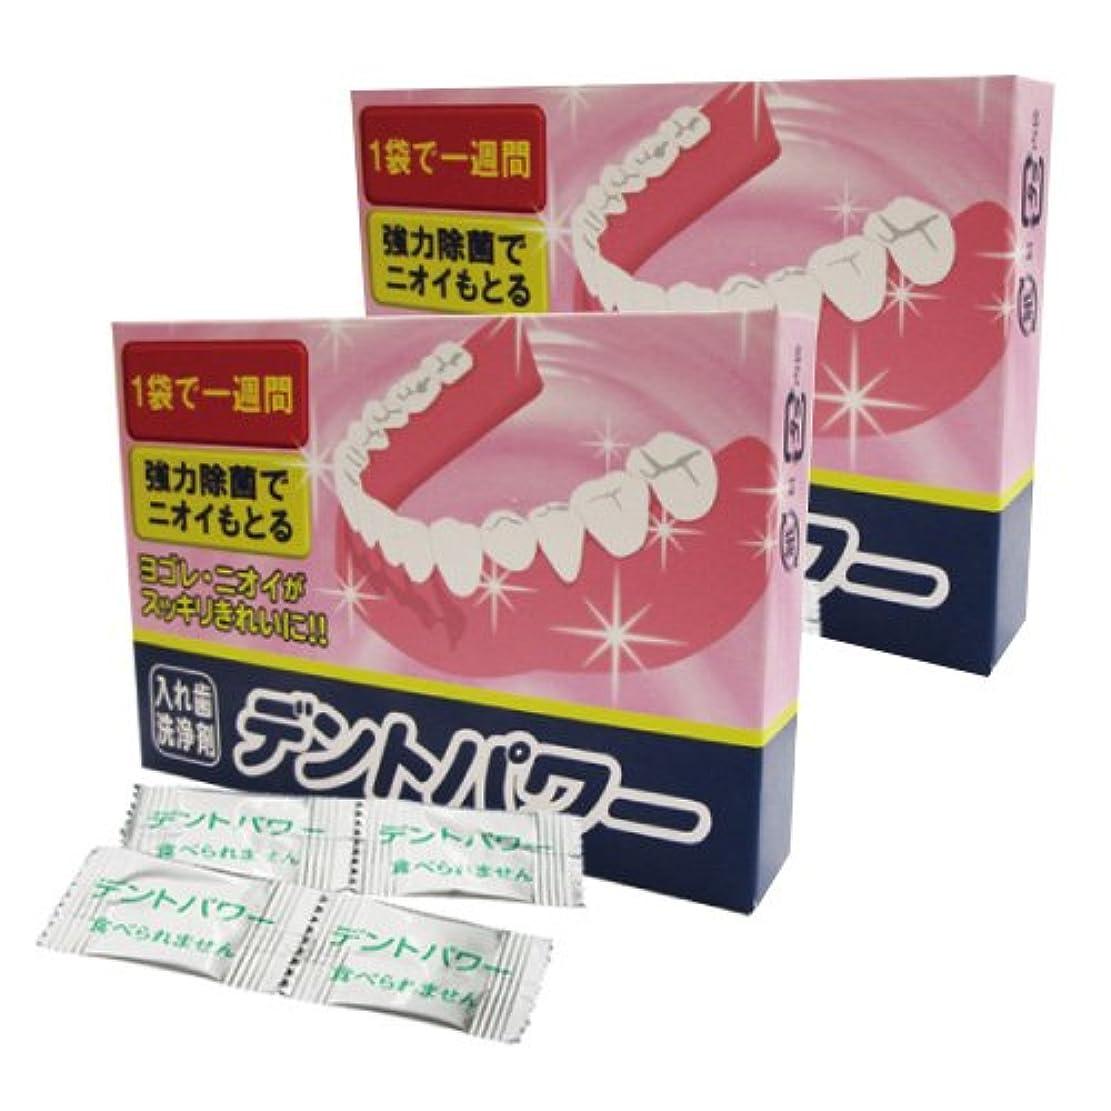 聖歌ハードウェア氏デントパワー 入れ歯洗浄剤 5ヵ月用x2個セット